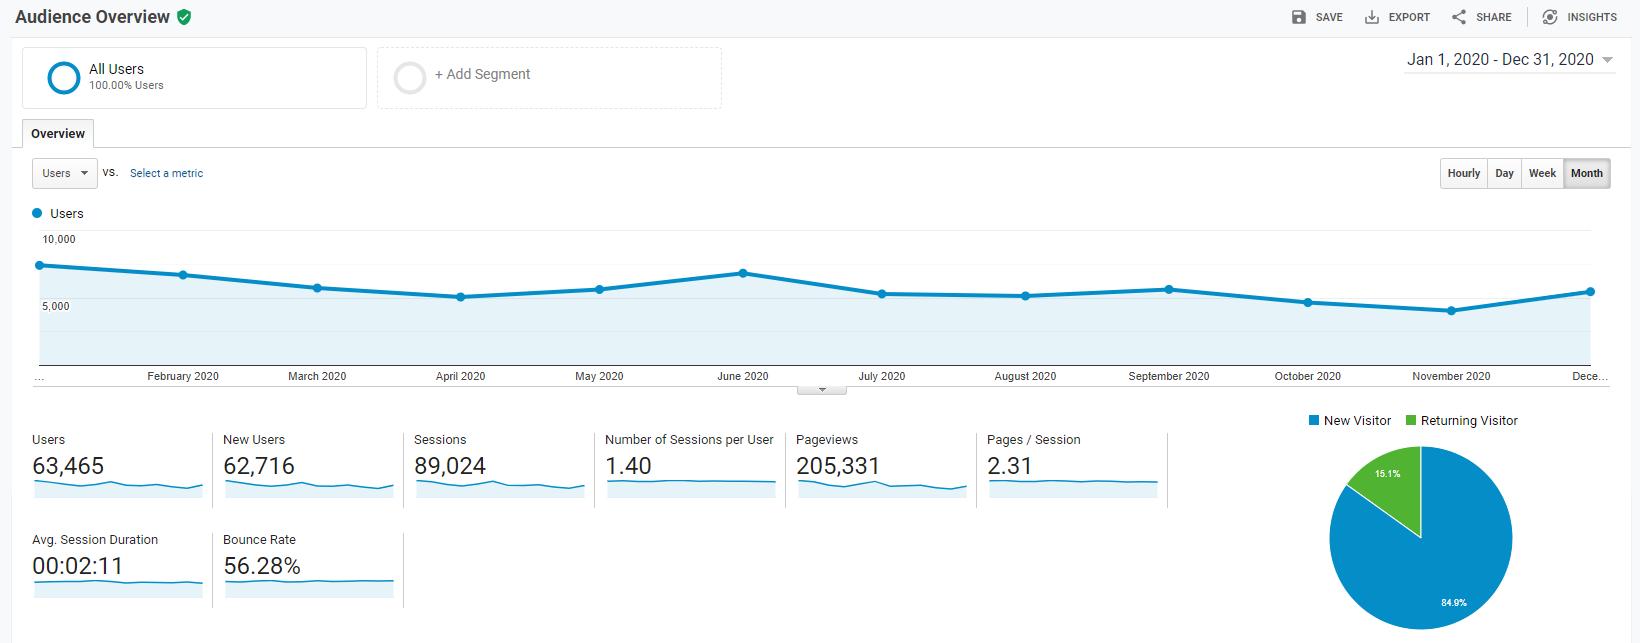 Blog Income Report - Quarter 4 2020 - API Traffic